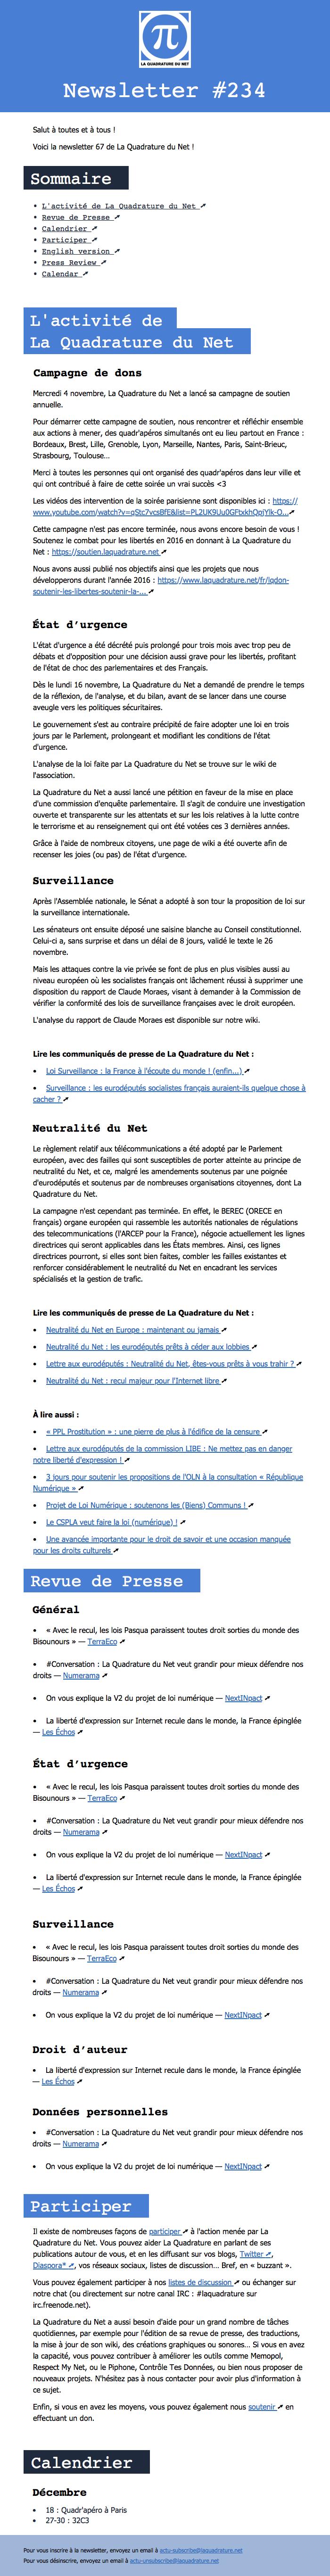 Dossier LQDN/Newsletter.png